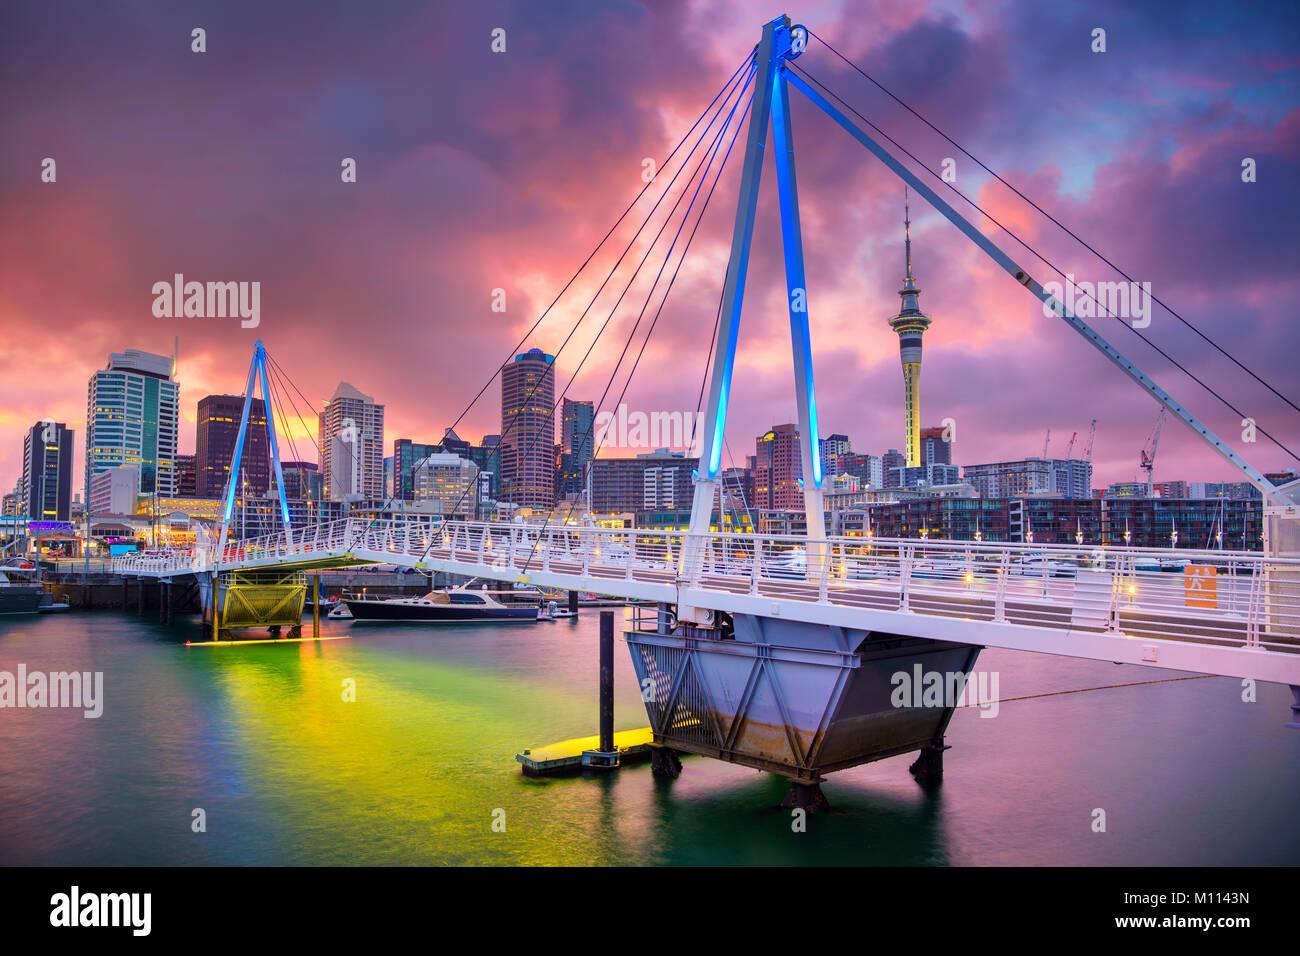 Auckland. Paisaje urbano imagen de skyline de Auckland, Nueva Zelanda durante el amanecer. Imagen De Stock